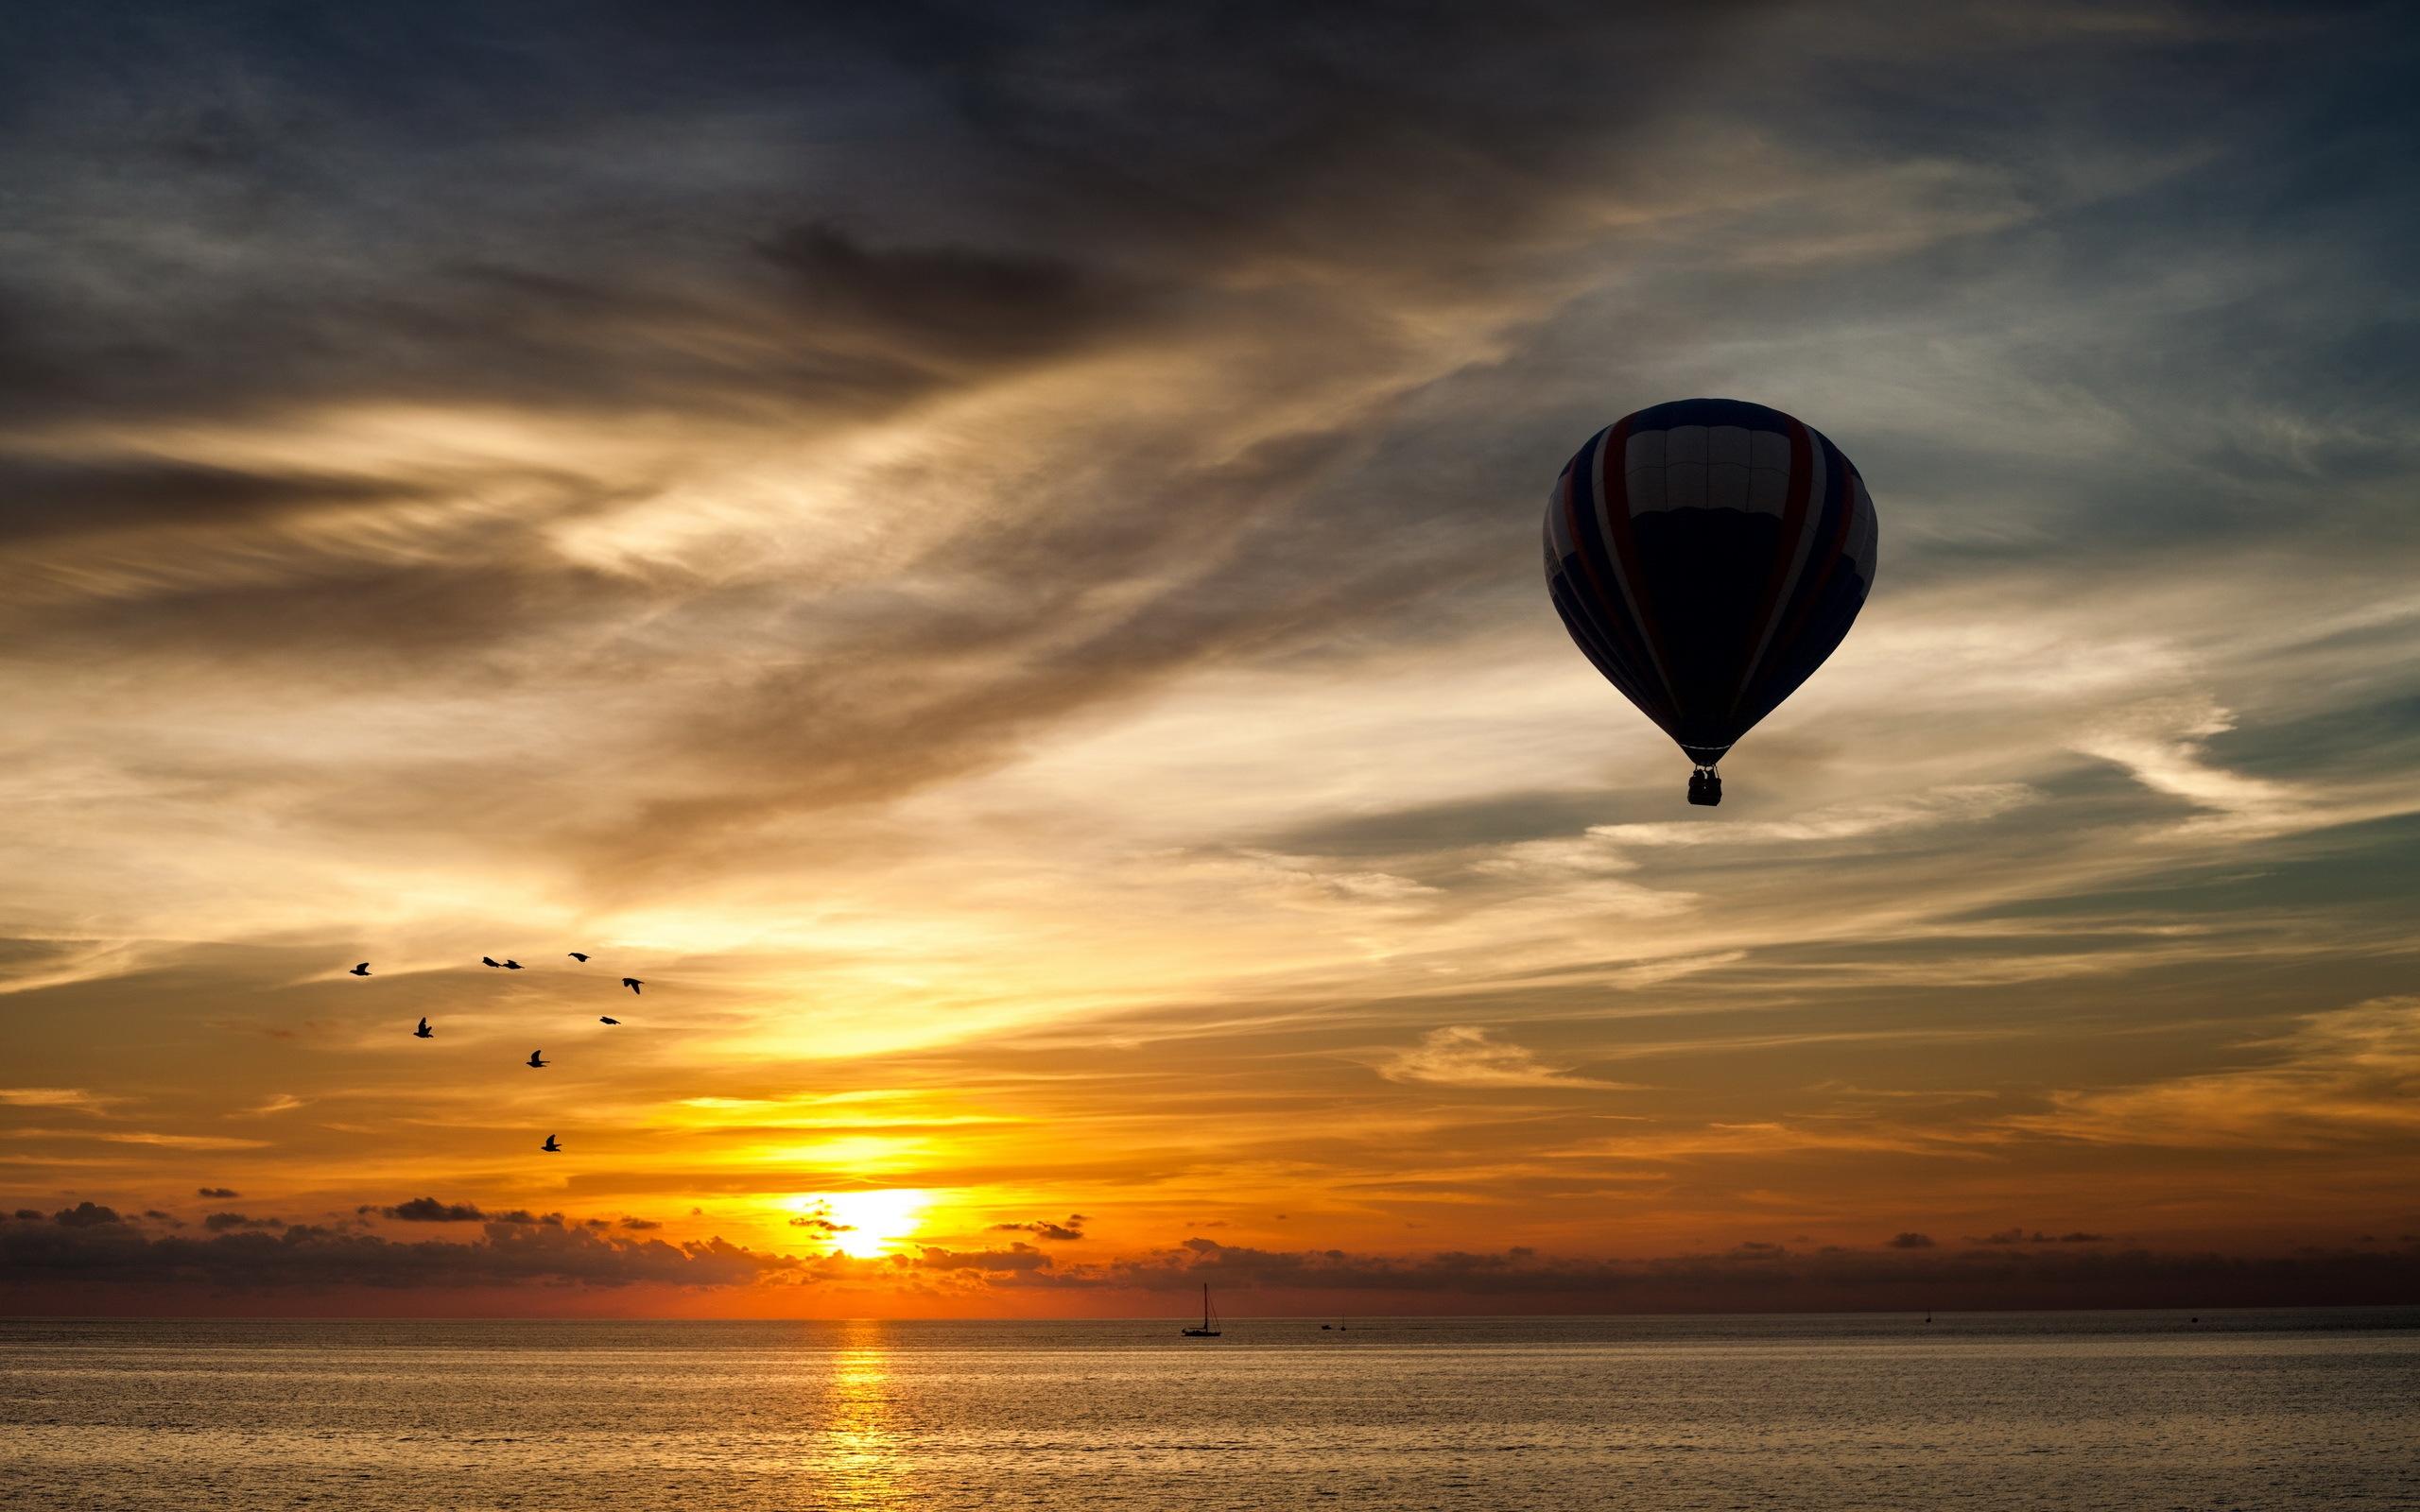 2017/2018 البالونات الهوائية 464187.jpg